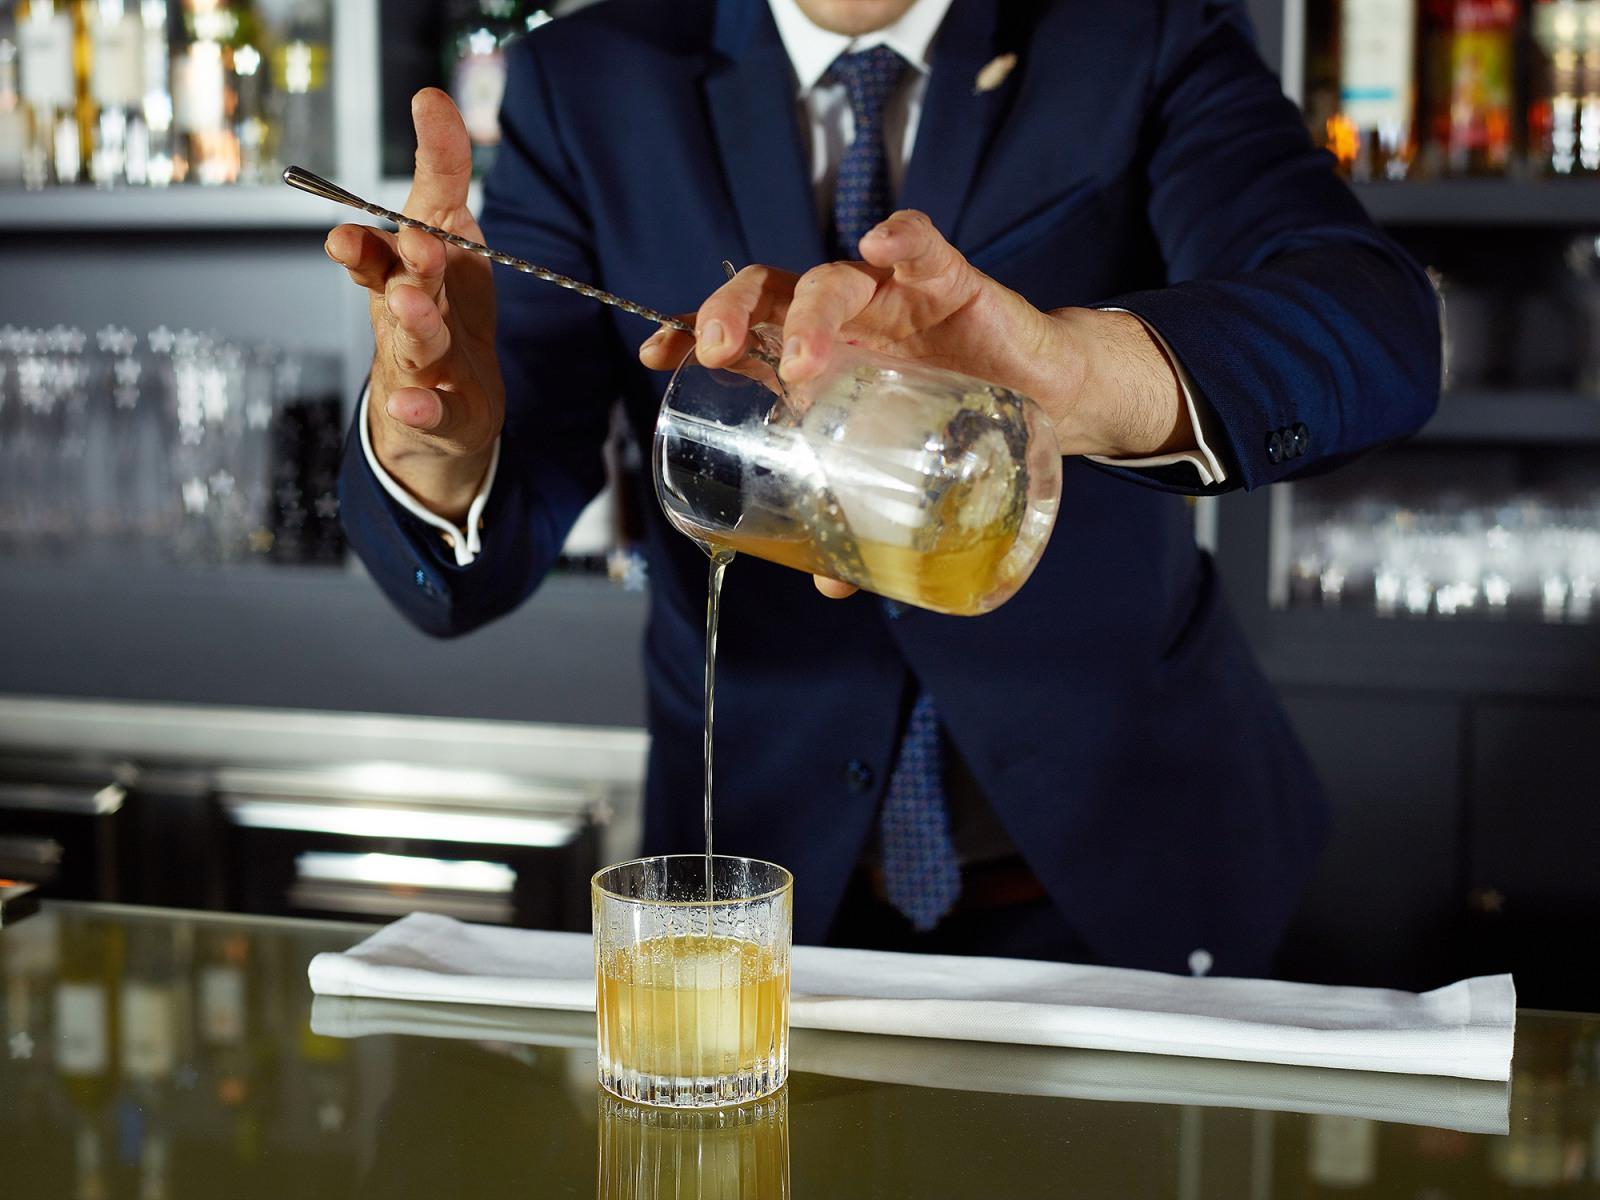 la-demeure-du-parc-cocktails-le-bar-du-parc-size-433090-1600-1200